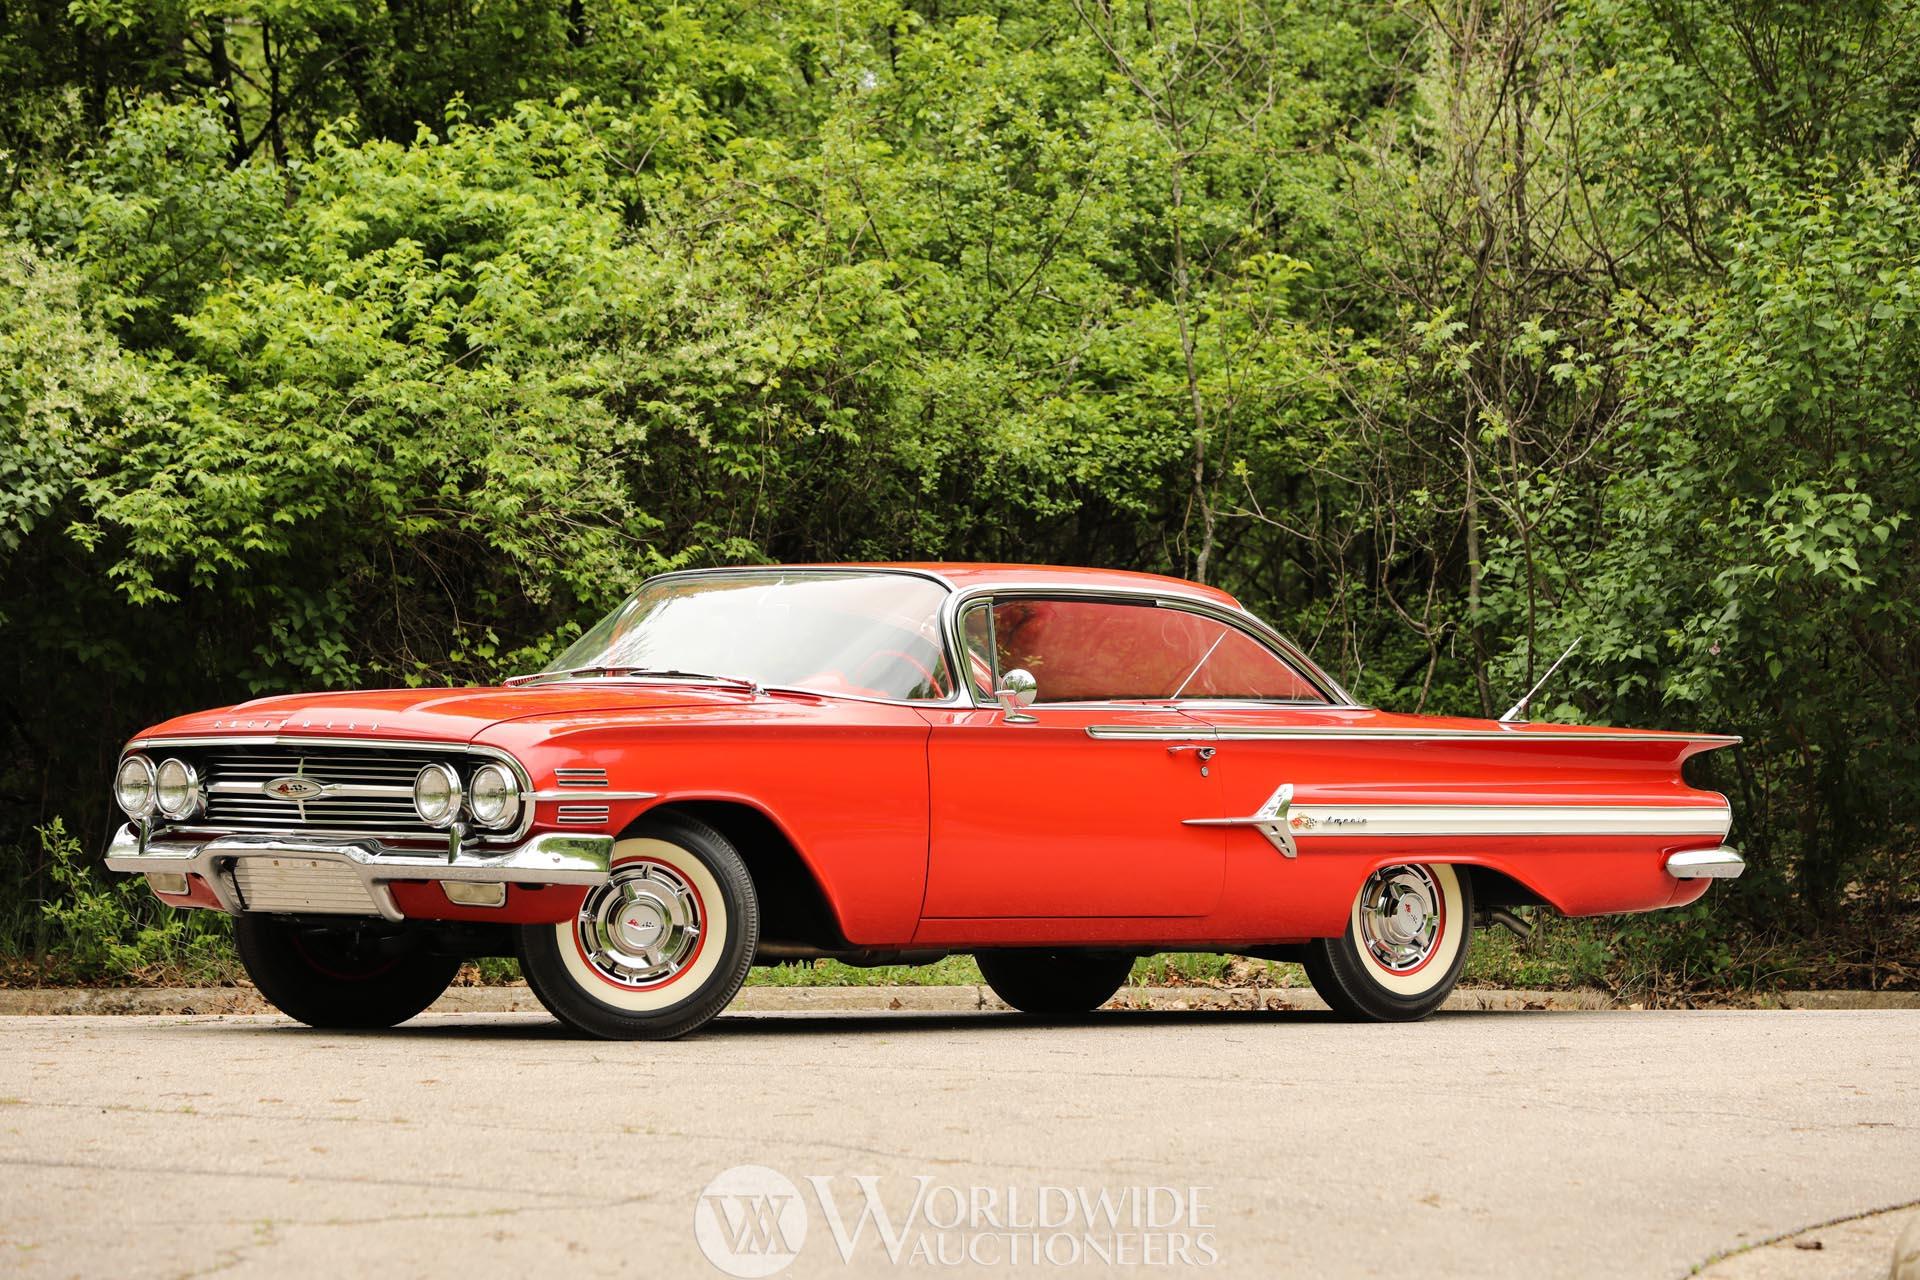 1960 Chevrolet Impala Values Hagerty Valuation Tool